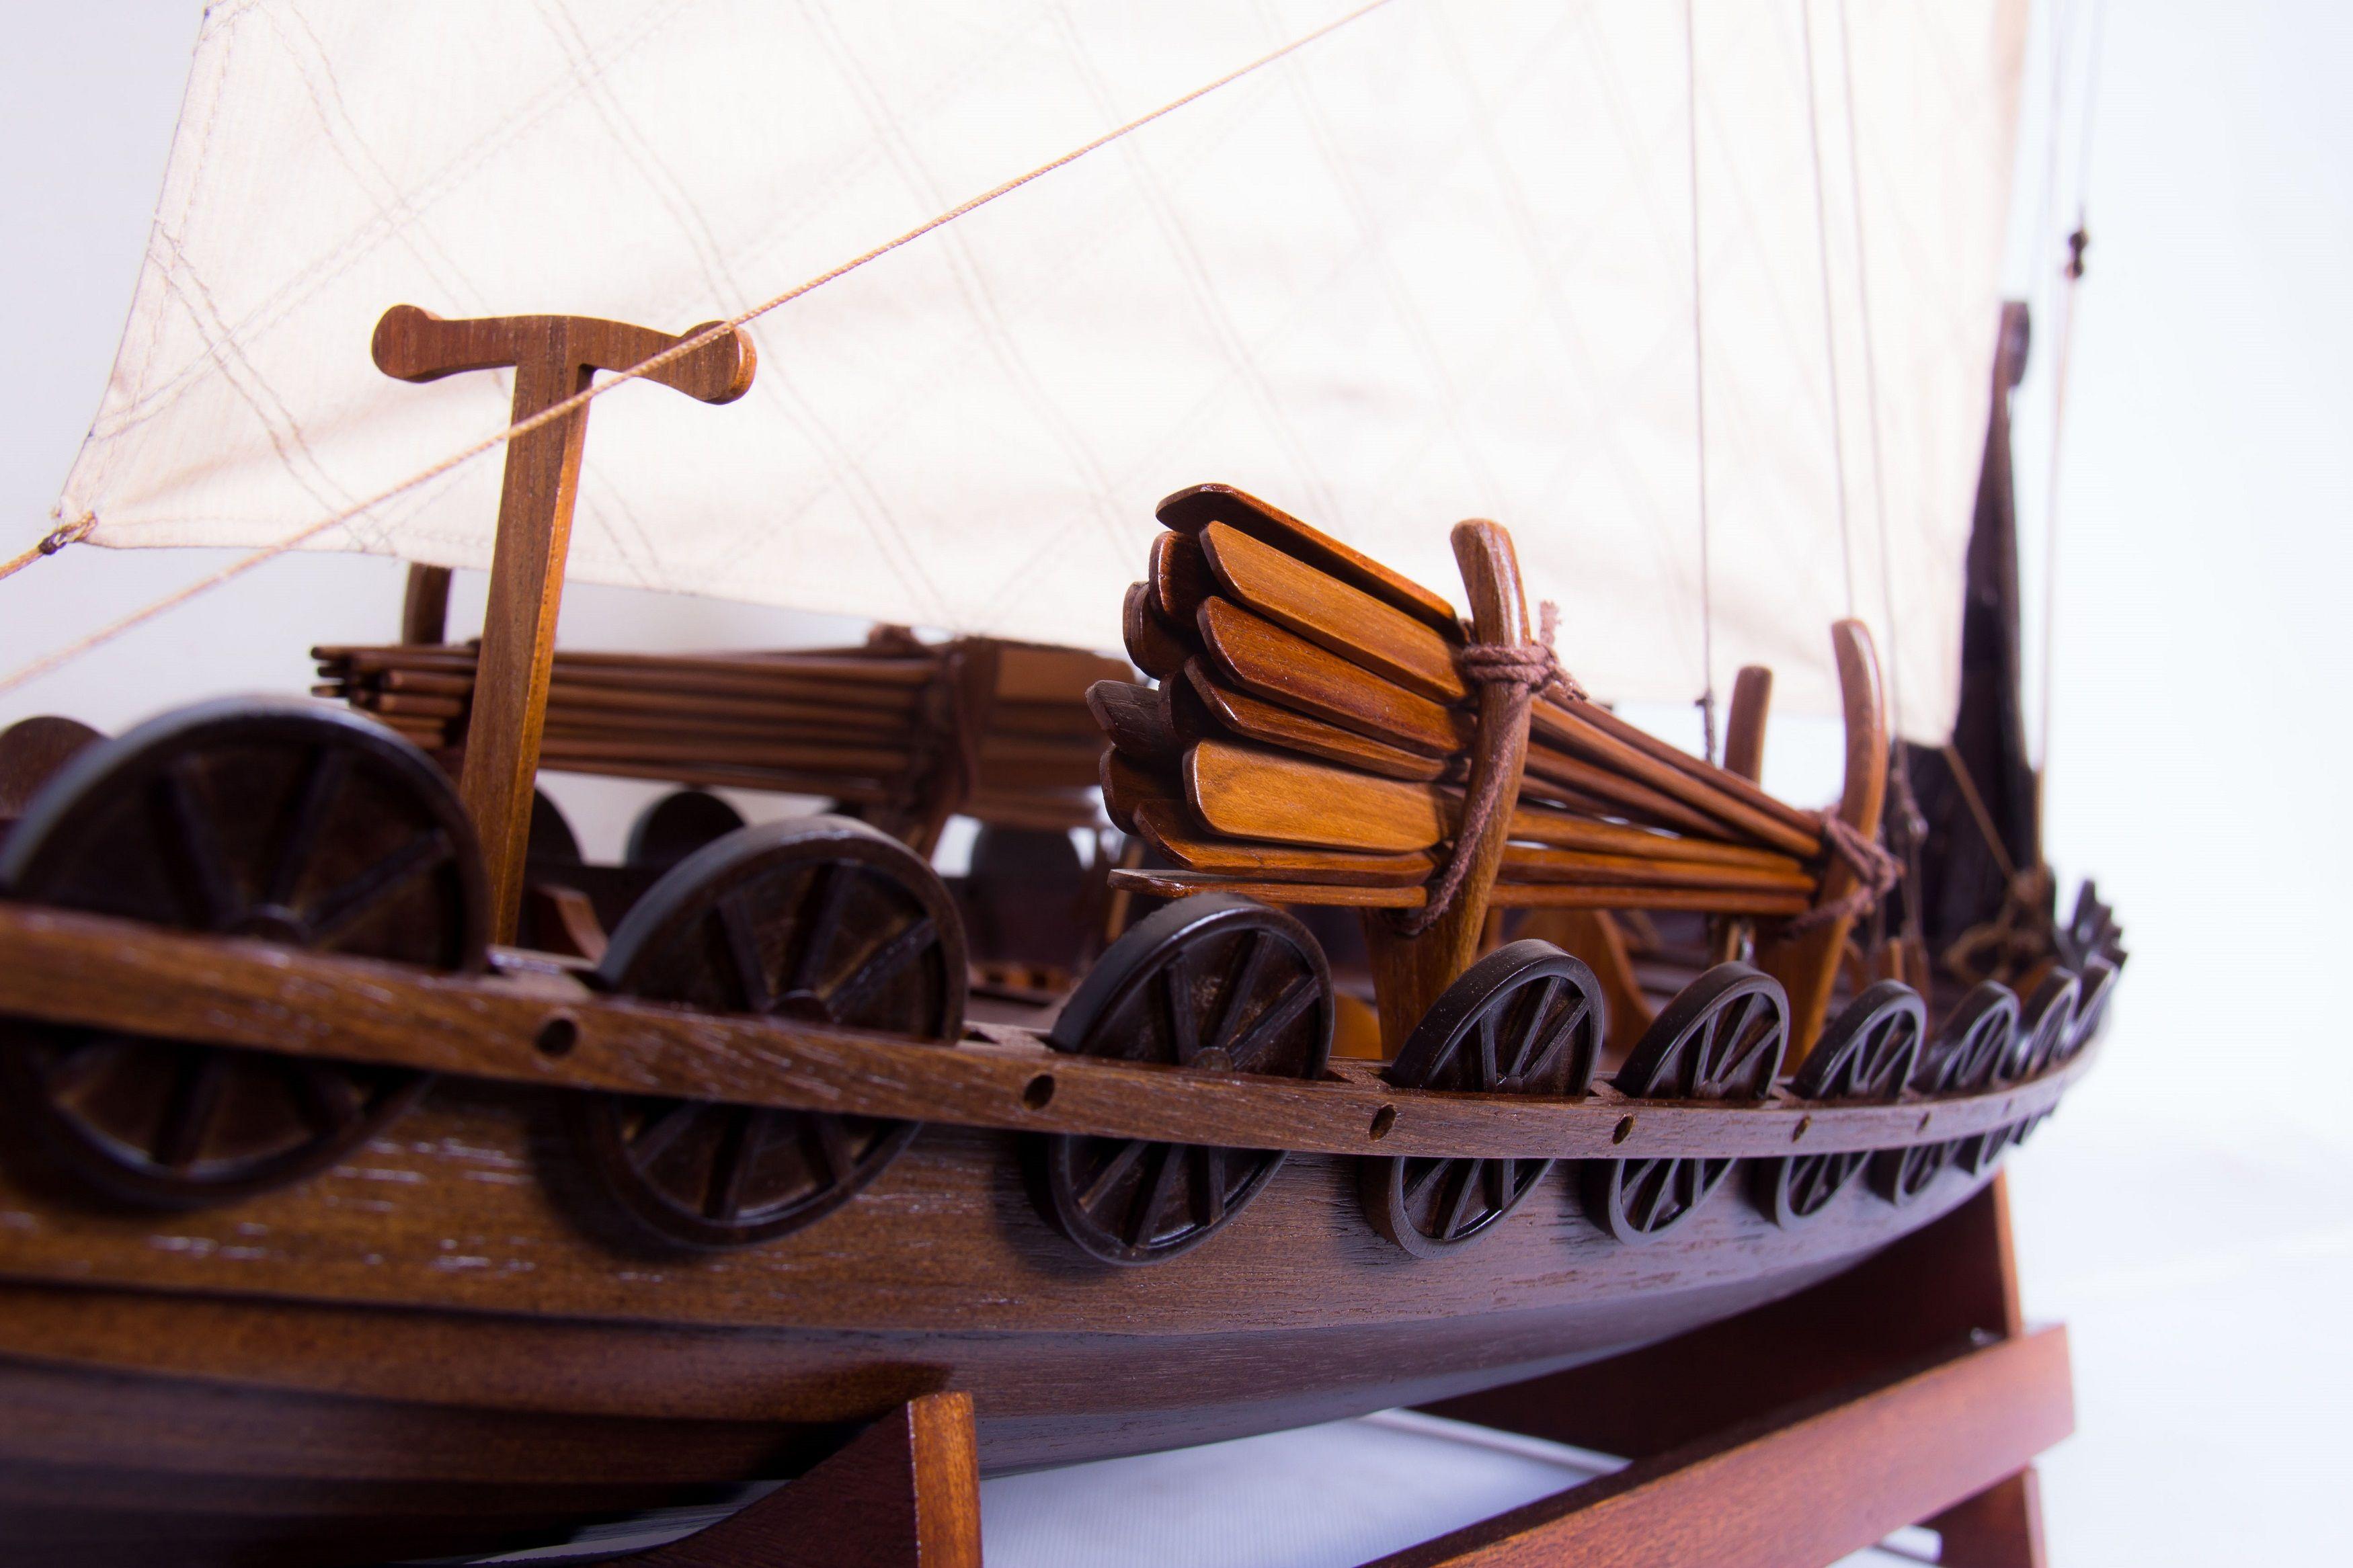 1774-9934-Viking-Model-Boat